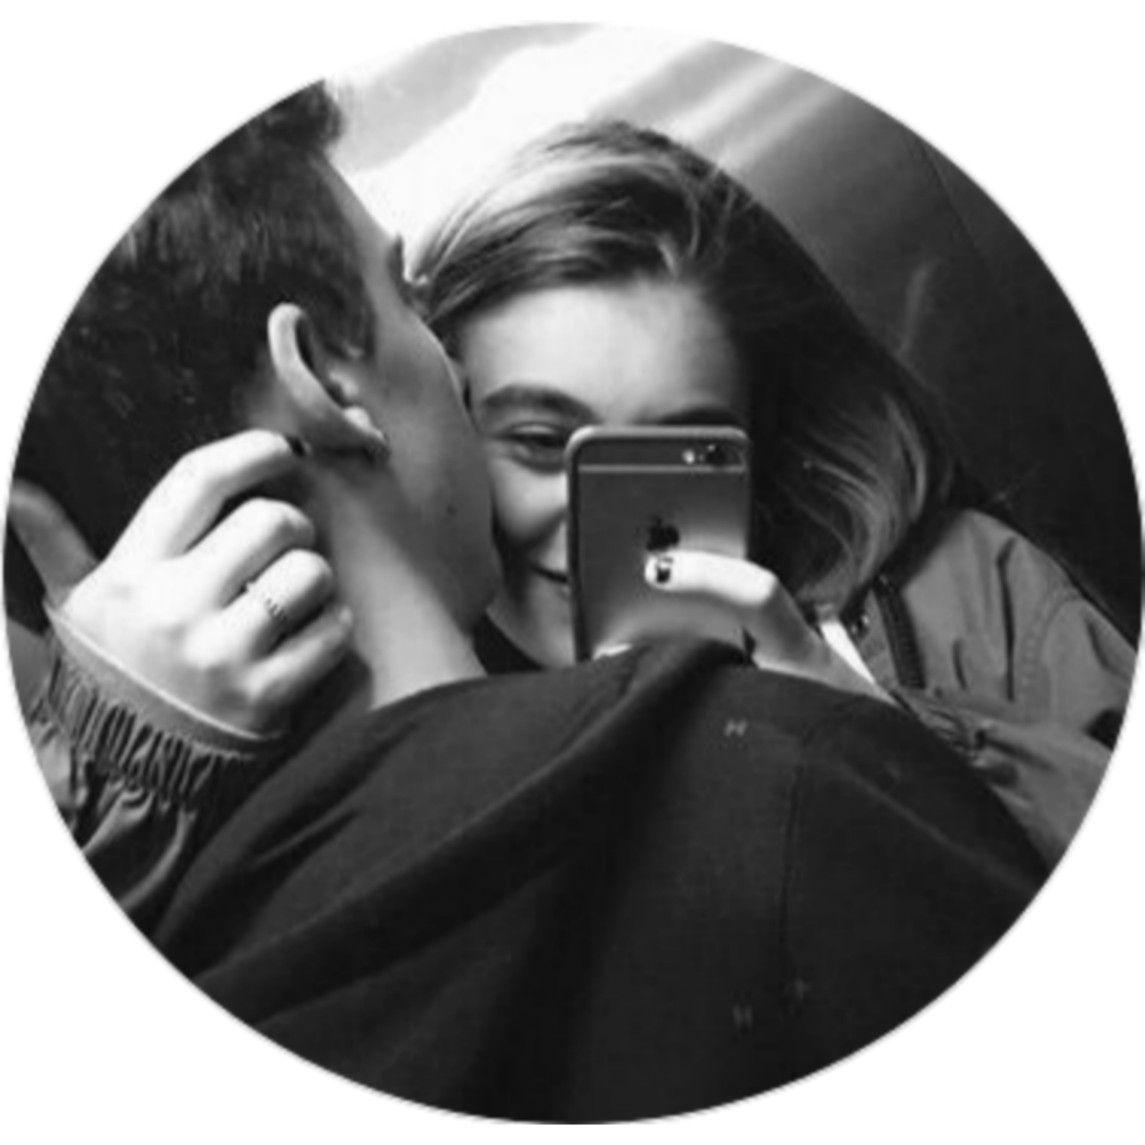 افتارات رمزيات صور حلوه تركين اتراك اجانب اجنبي بنات Couple Photos Couples Photo